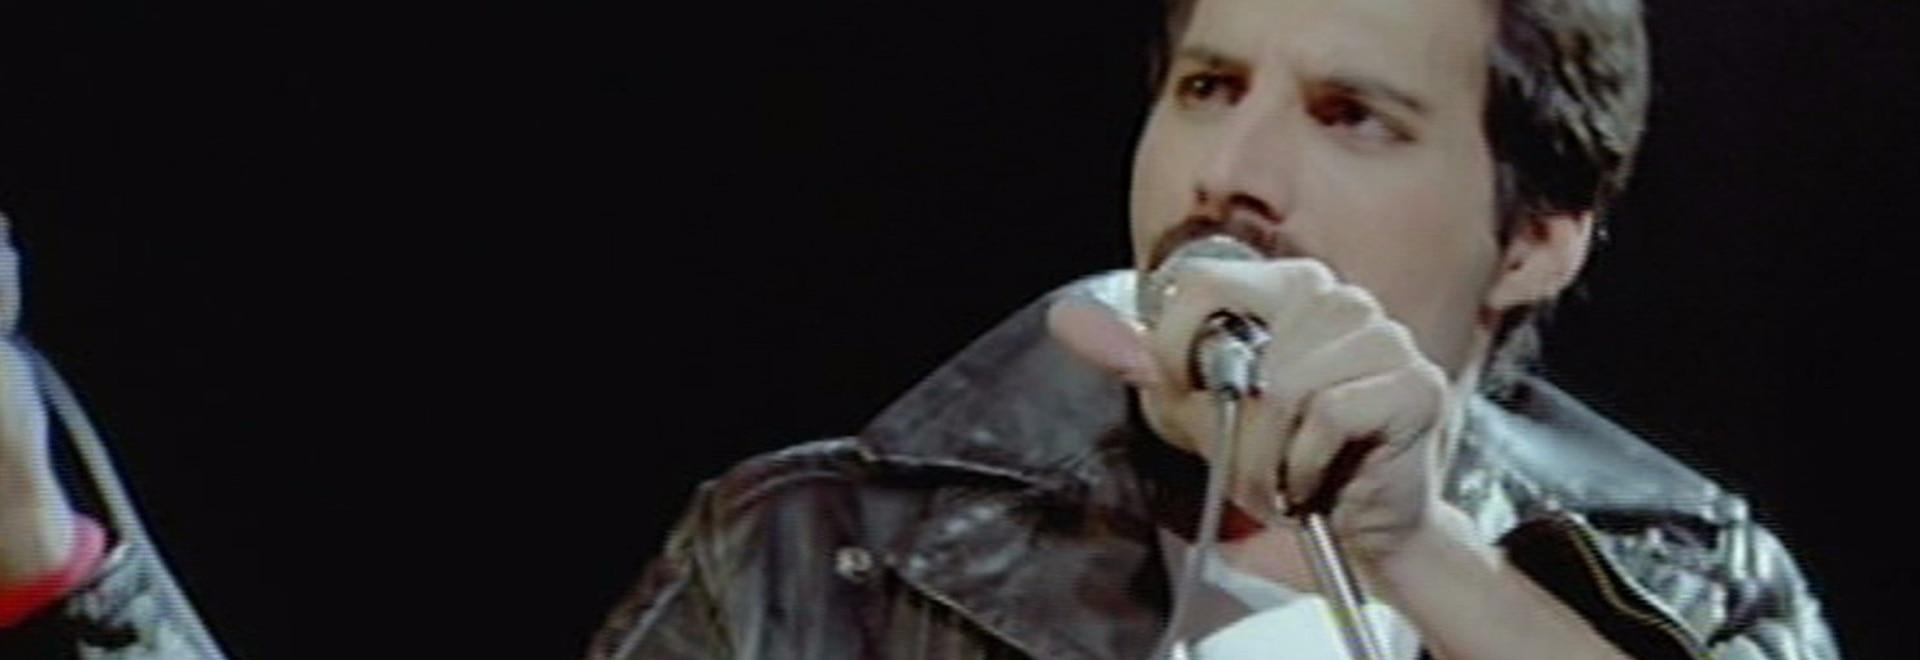 Queen Rock Montreal Live